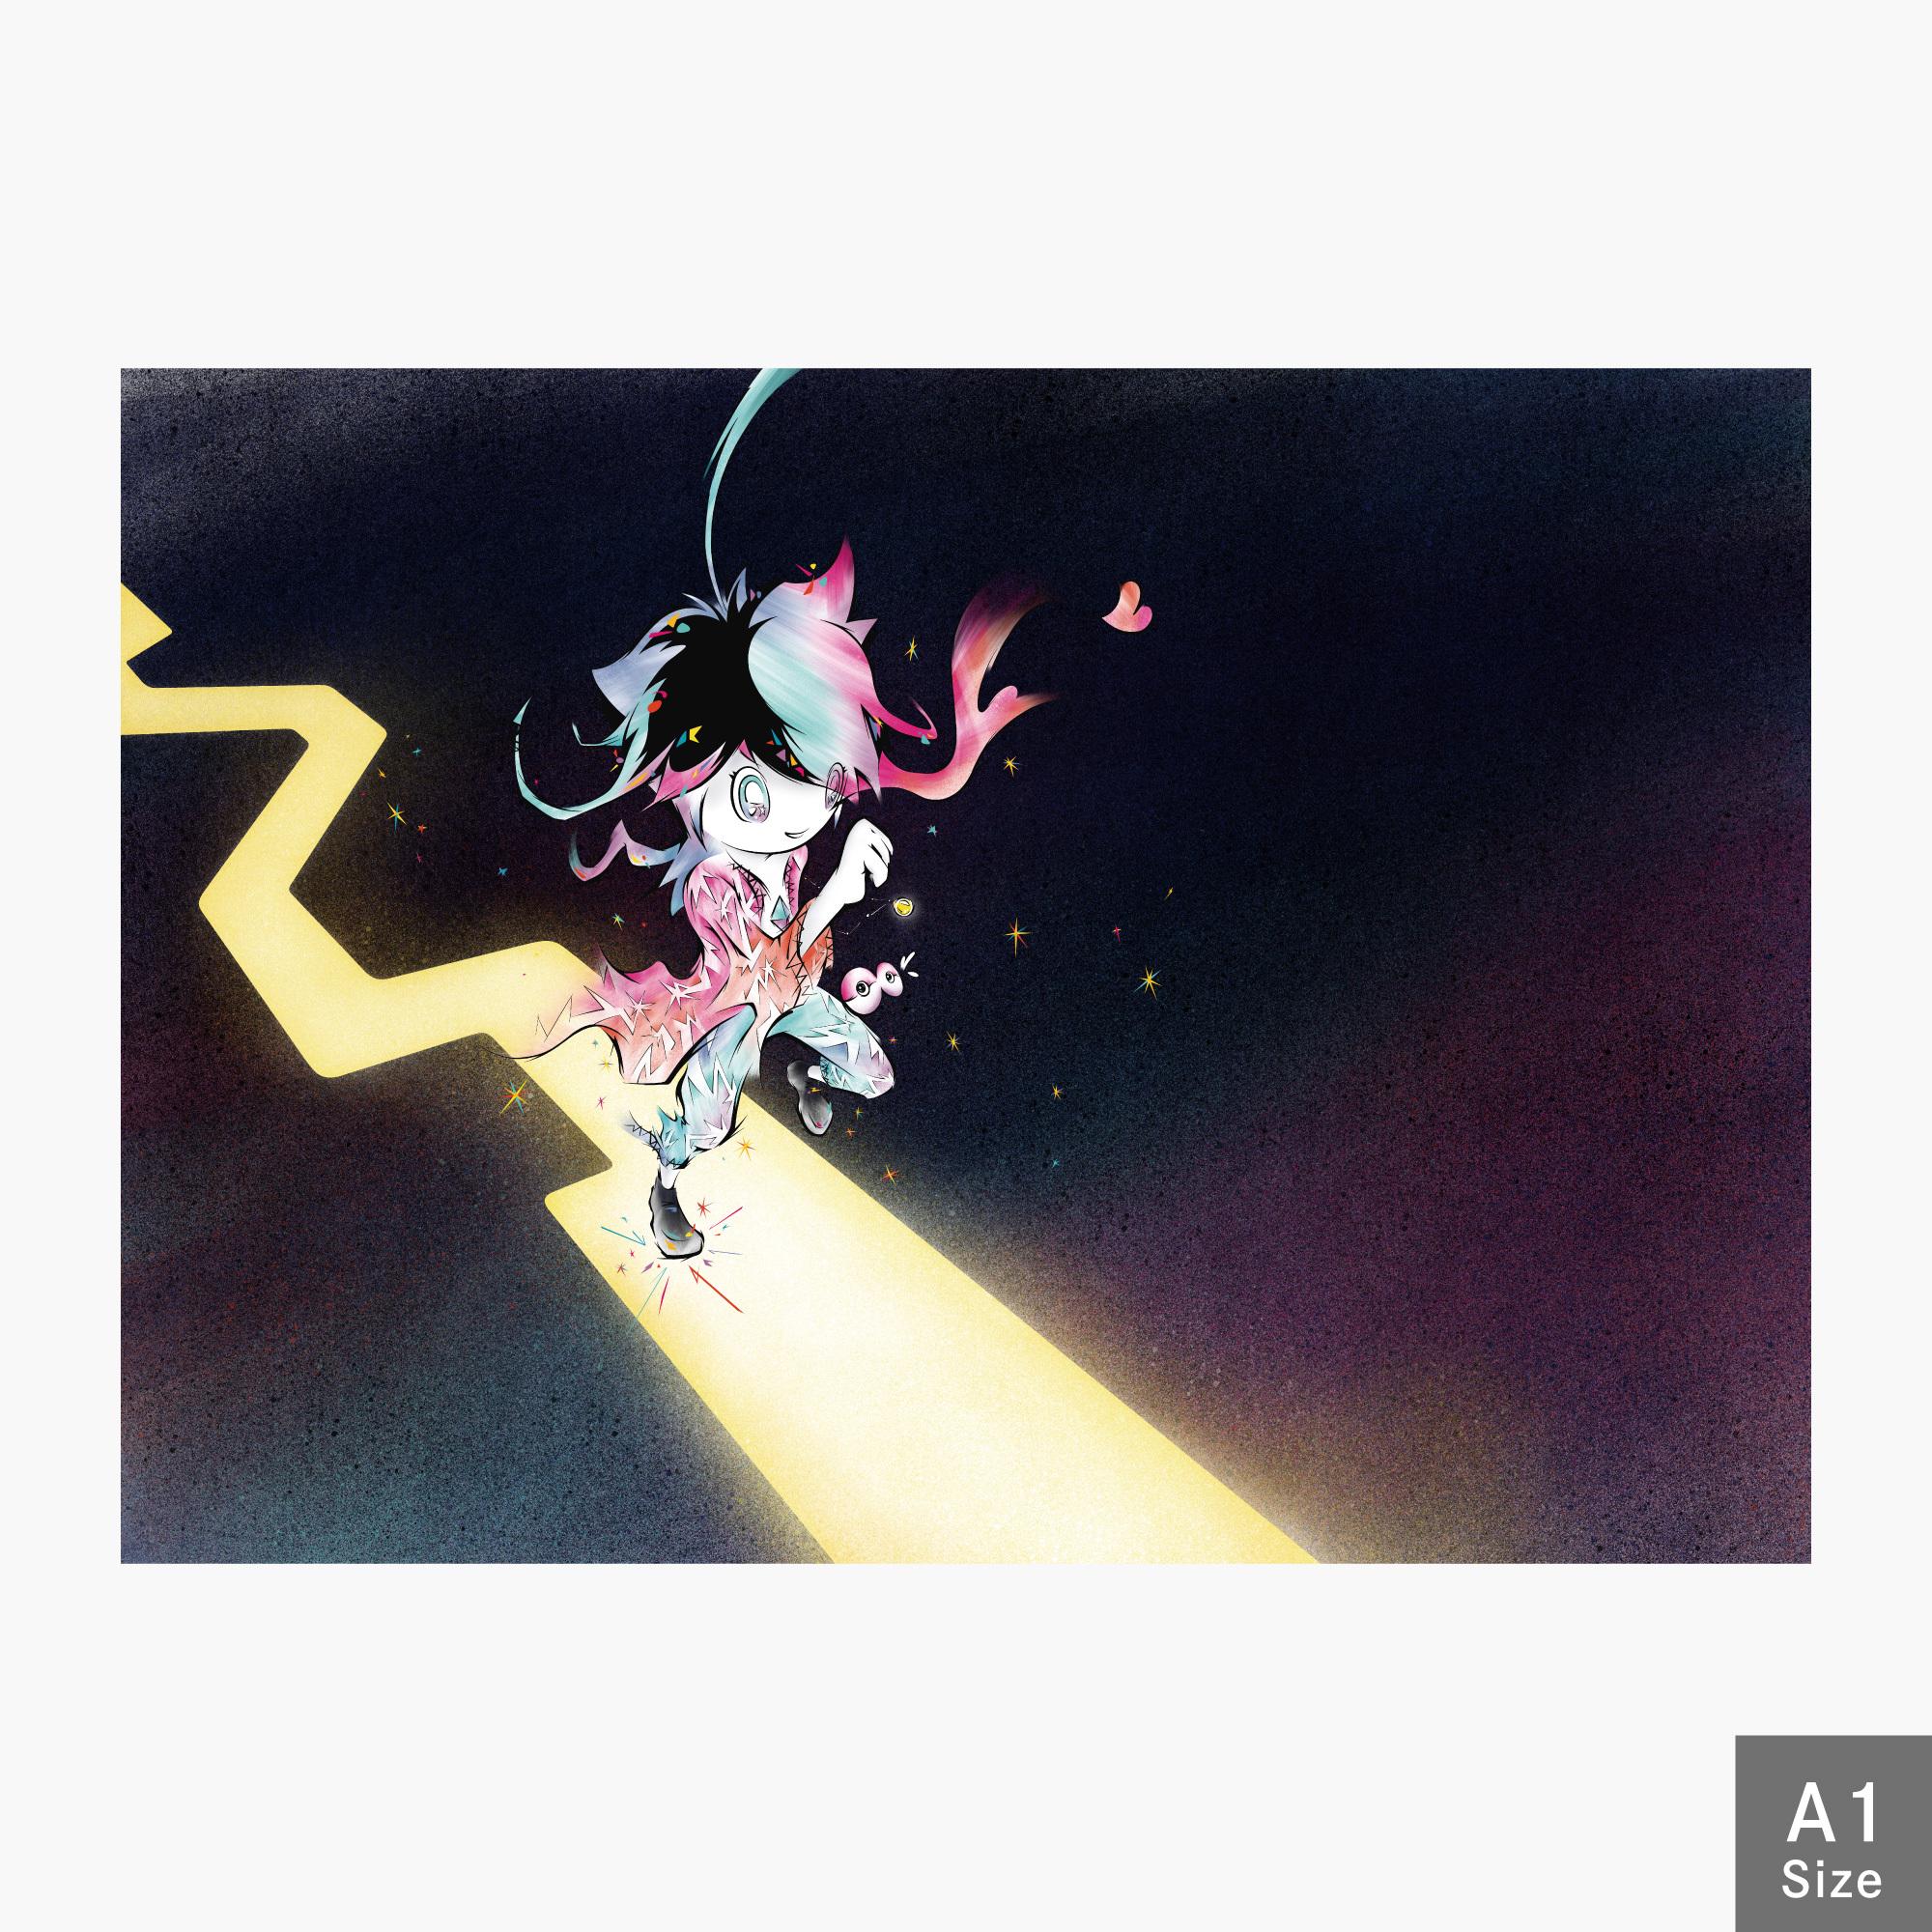 【A1 ジークレー版画】 これで良いんだ。まっすぐ進め 【受注生産】